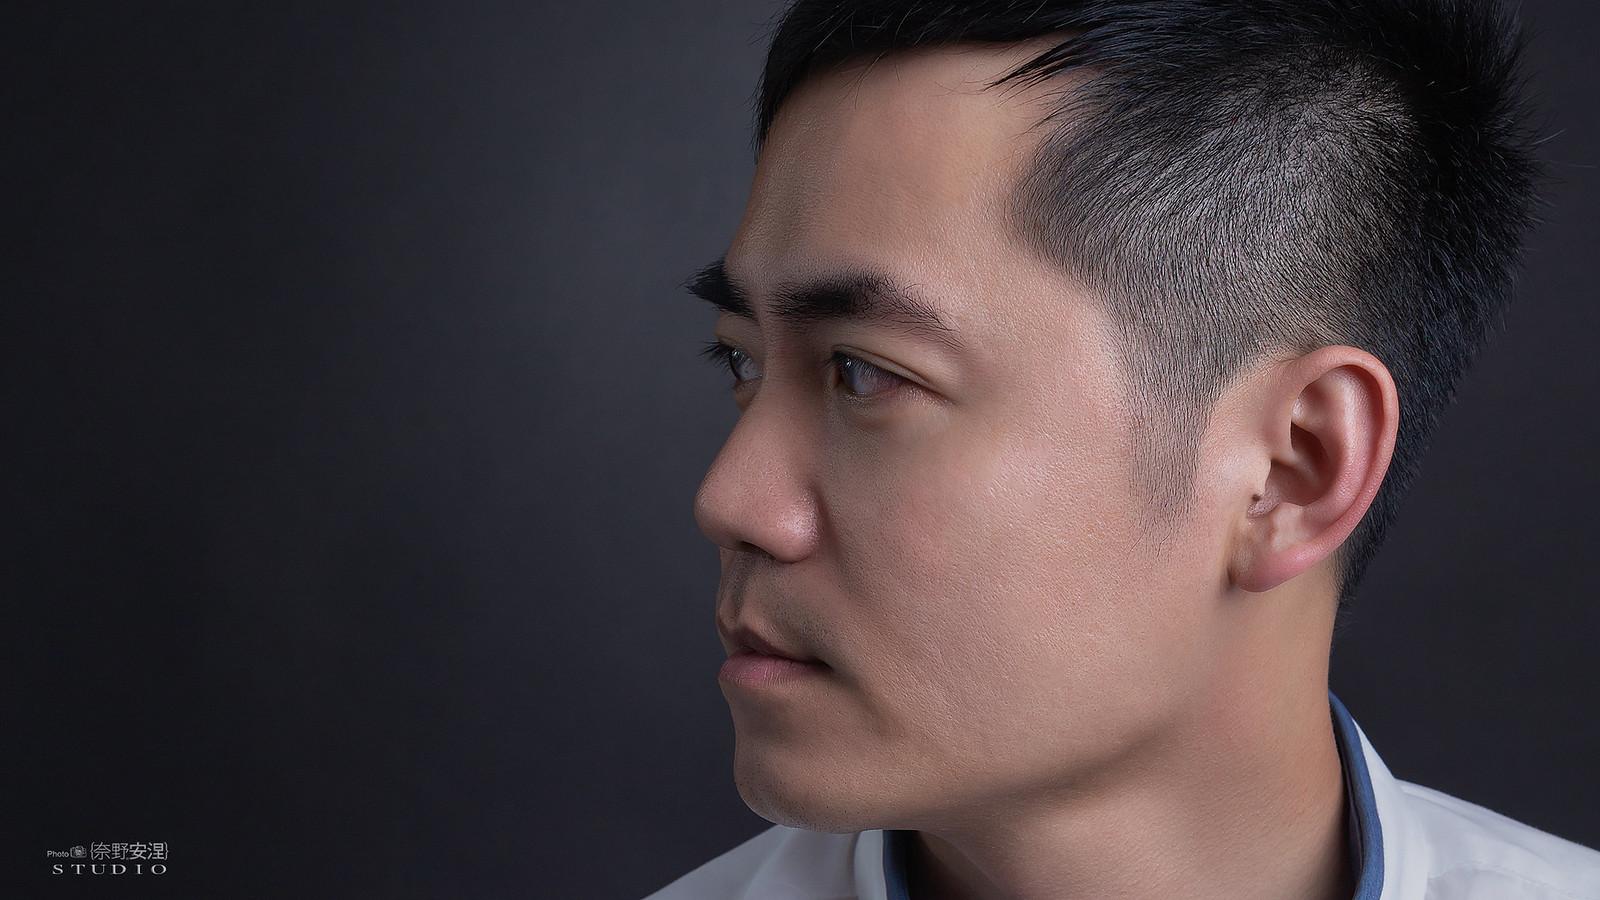 南部髮品金牌型男業務-昇澤髮品 |攝影白棚1-1